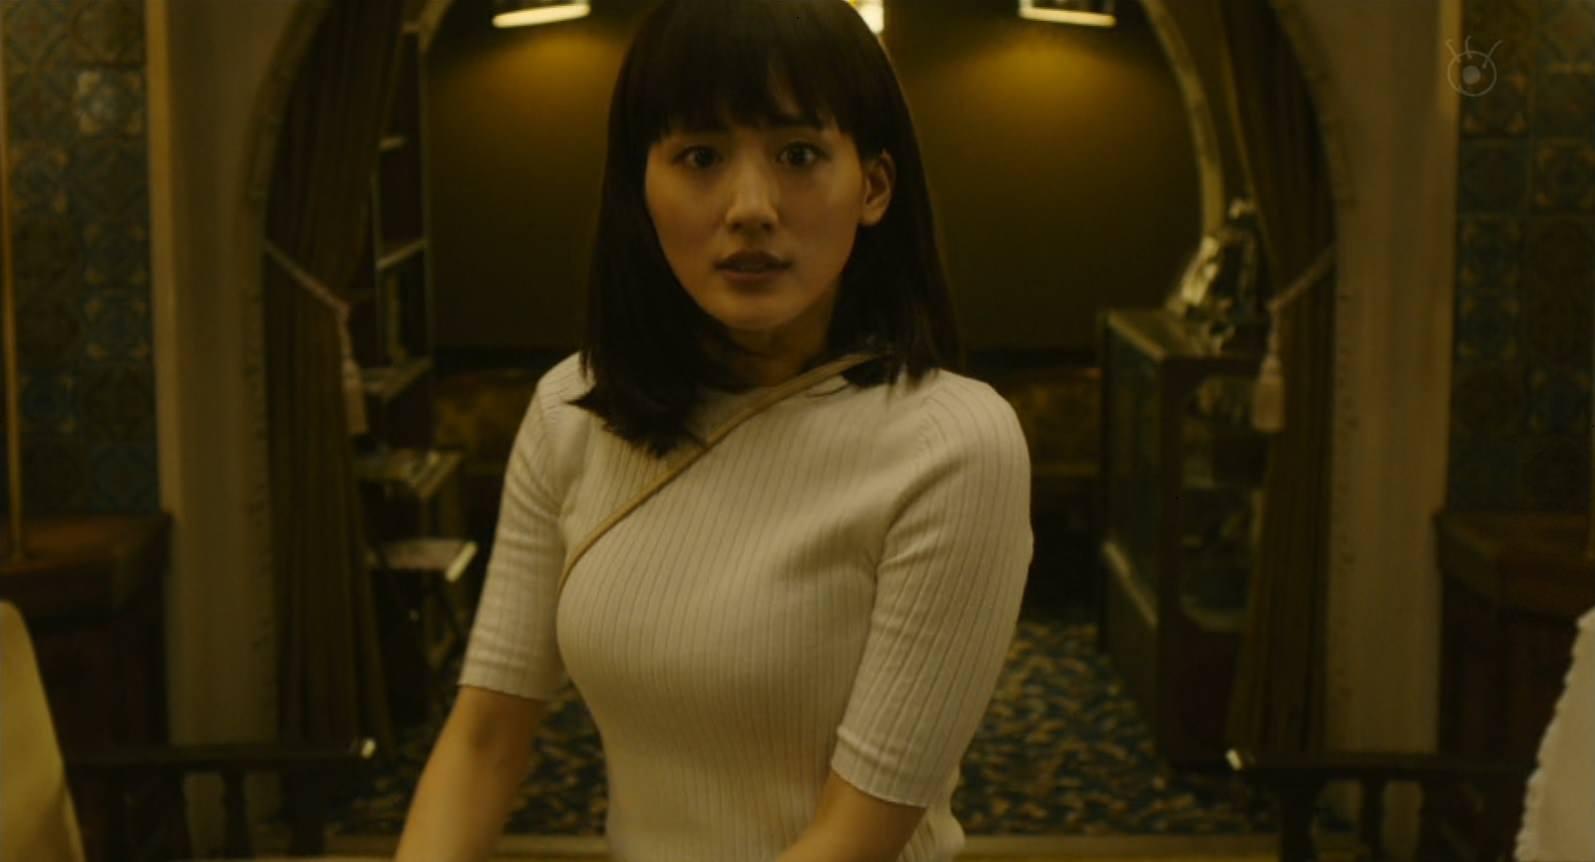 【本能寺ホテル】綾瀬はるかの特大おっぱいがドスケベ過ぎww